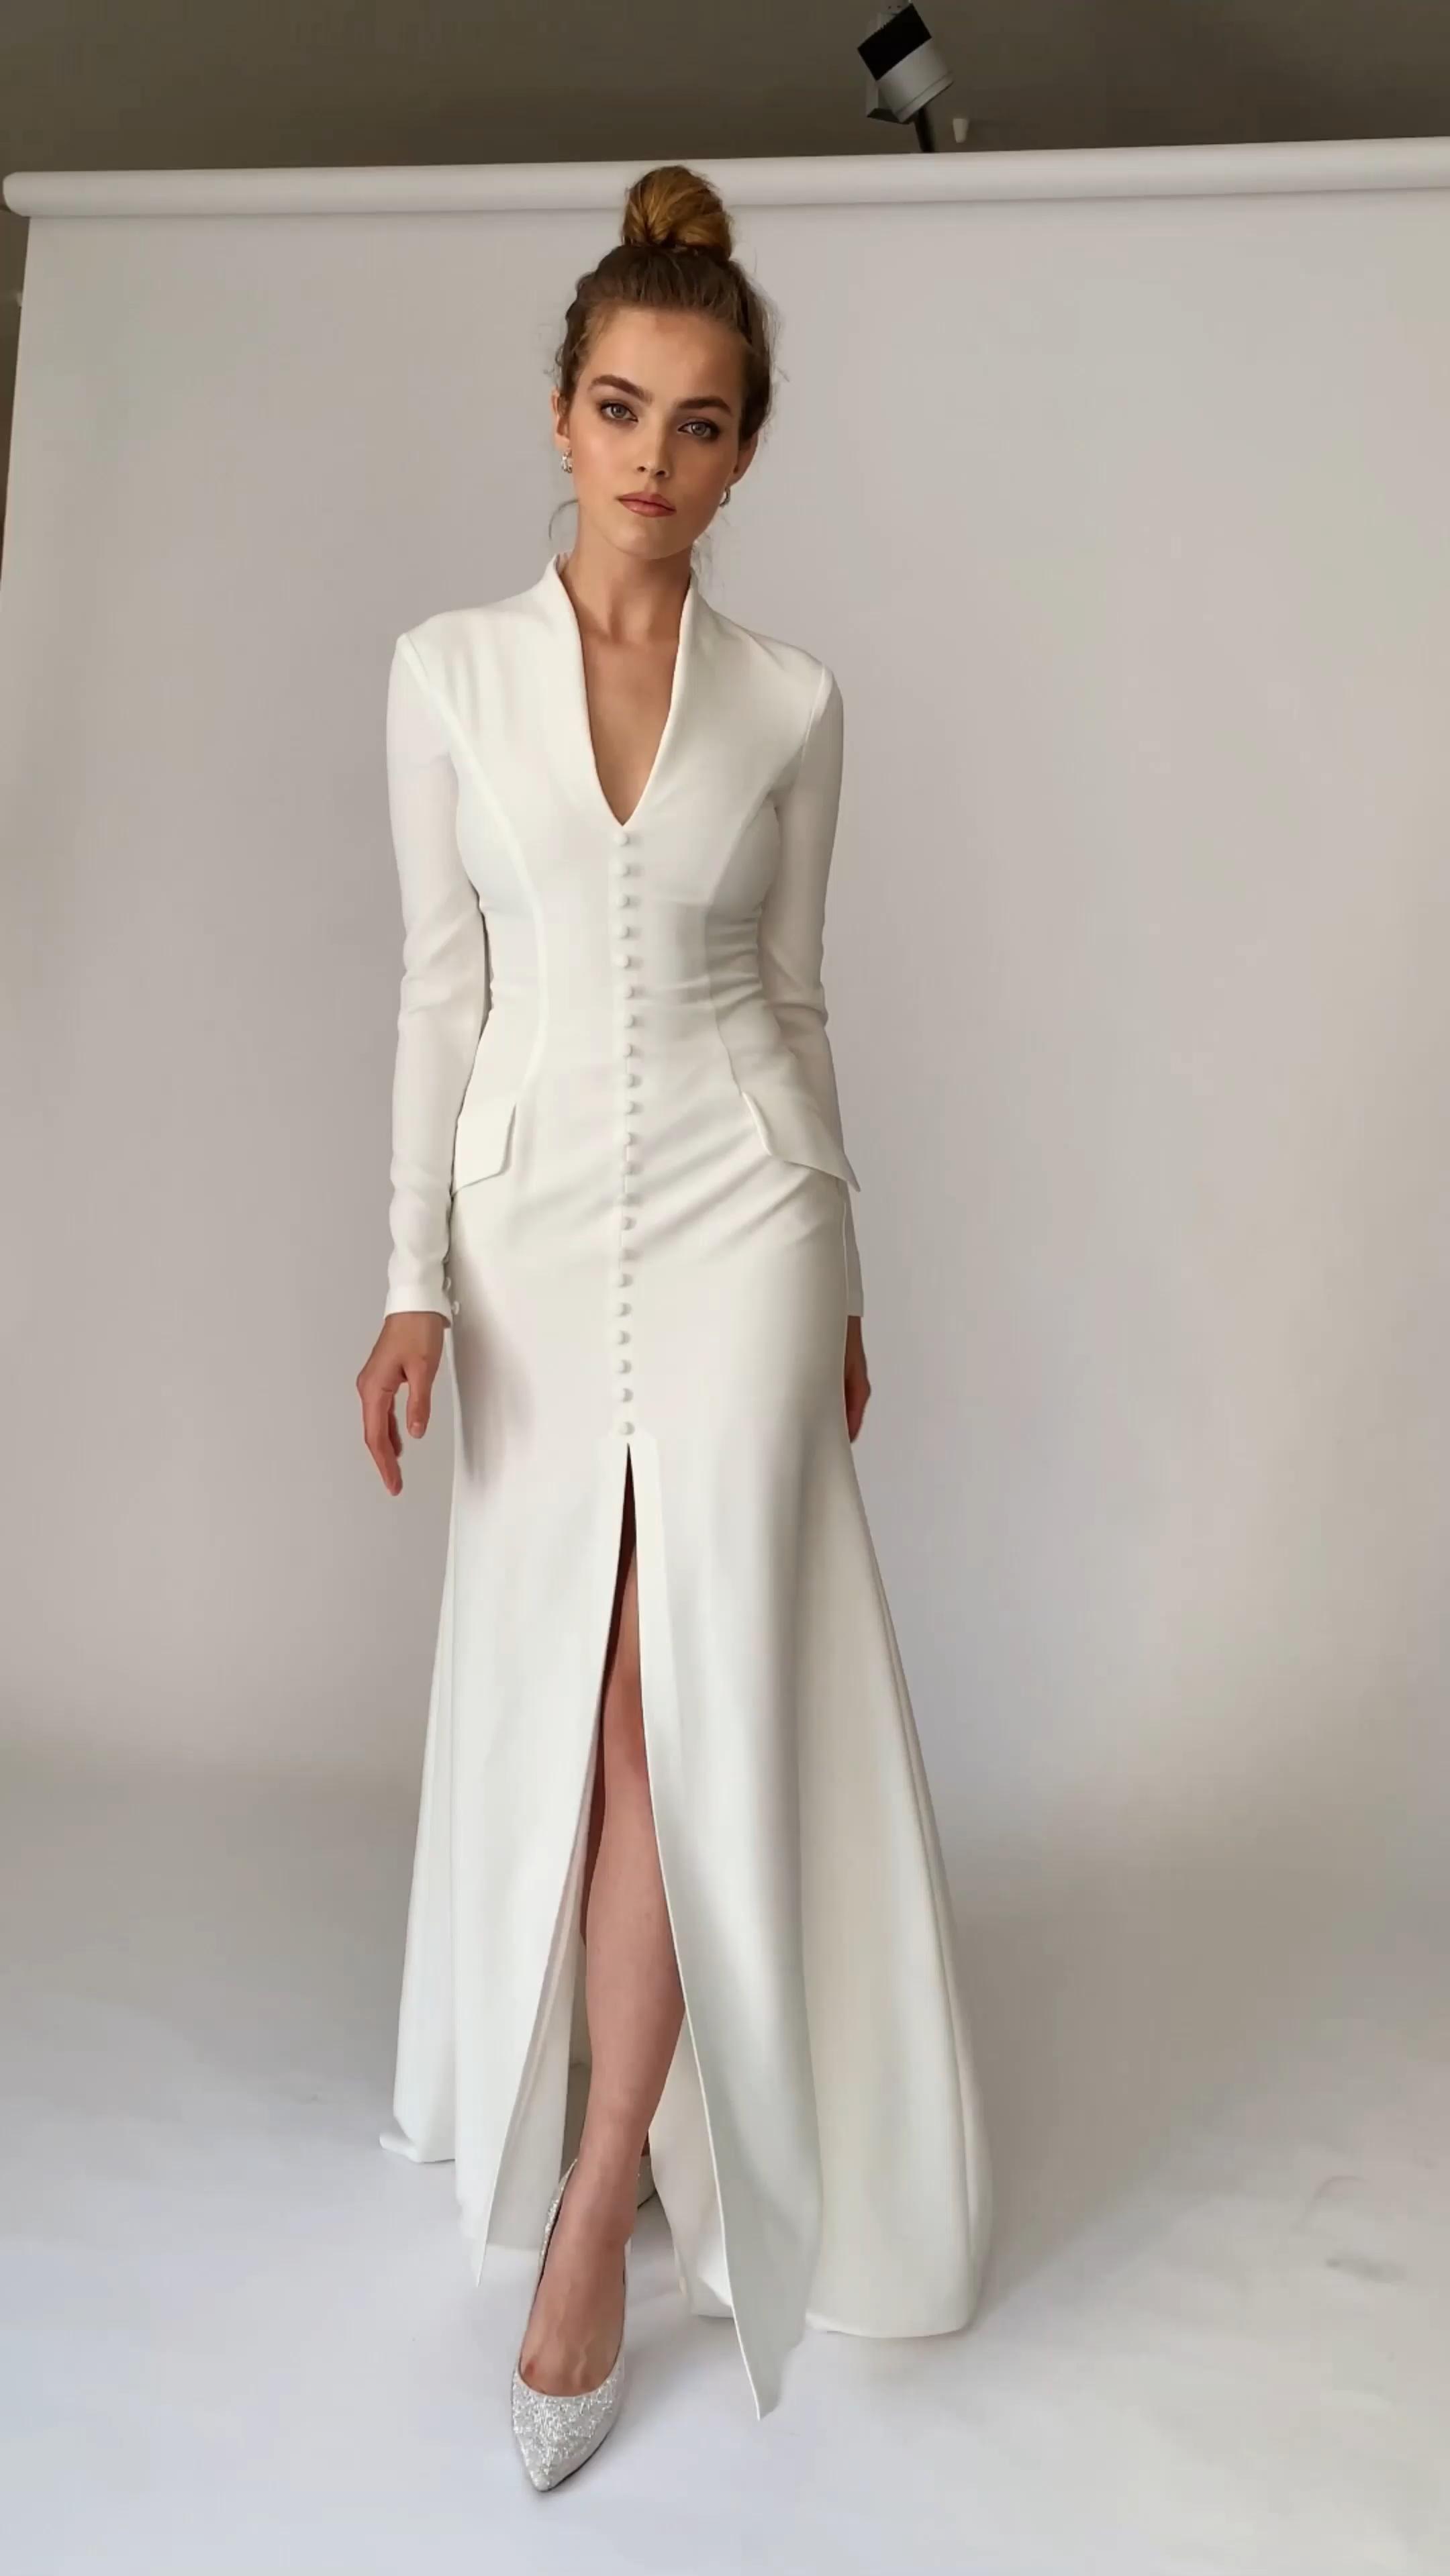 Свадебное платье Олсен/Wedding dress Olsen Больше